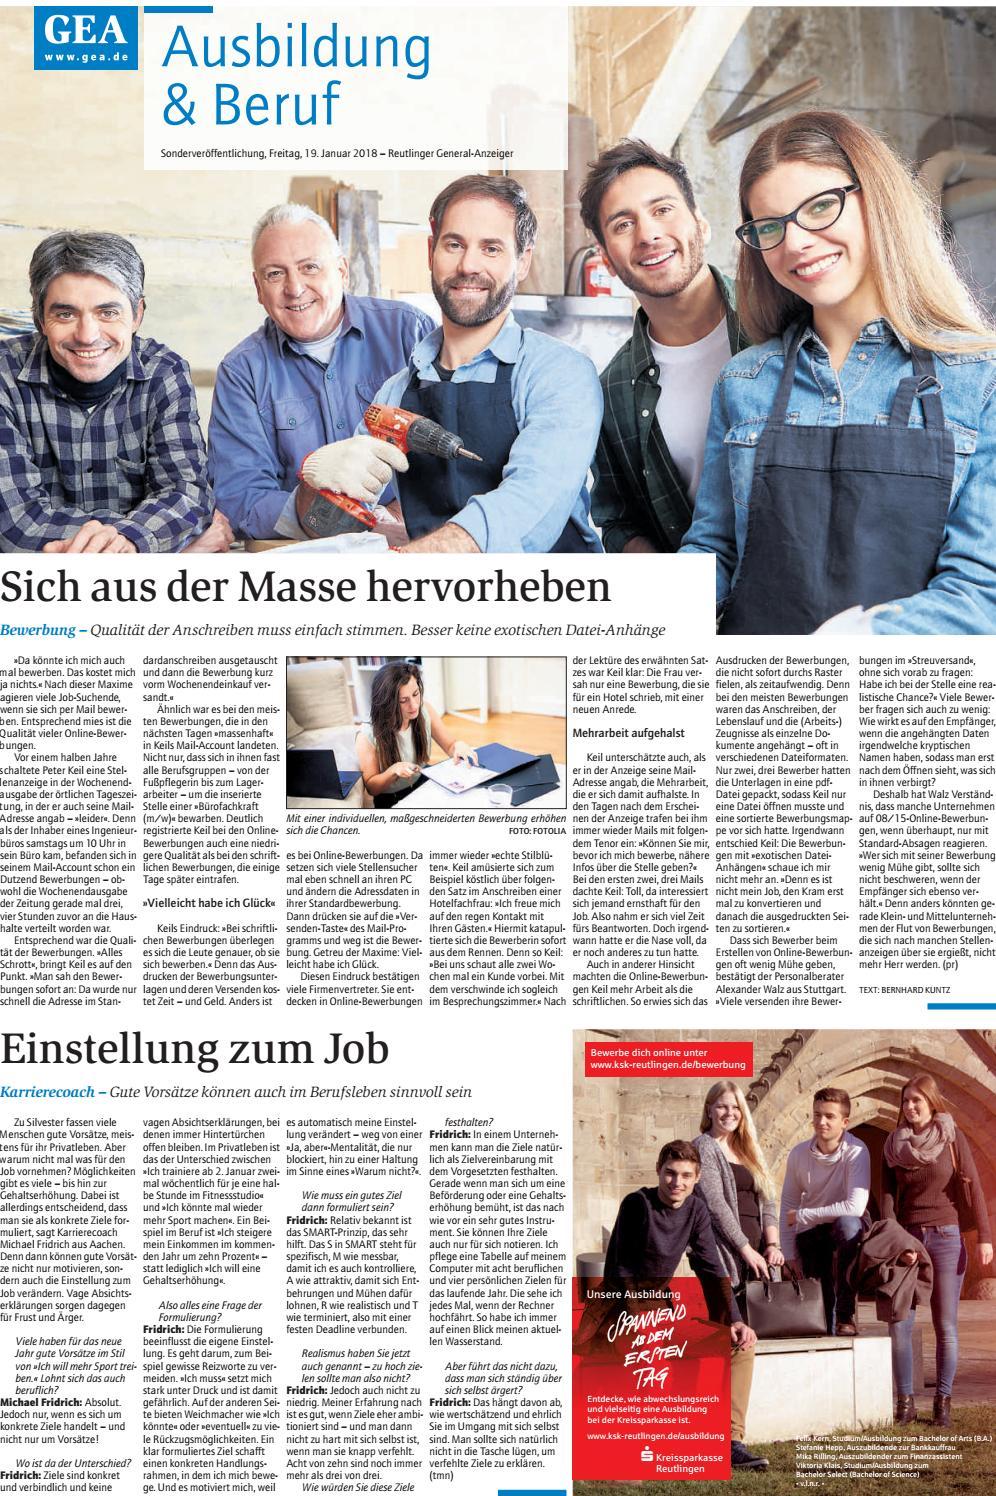 Ausbildung & Beruf 2018 - Reutlinger General-Anzeiger by GEA Publishing und  Media Services GmbH & Co. KG - issuu